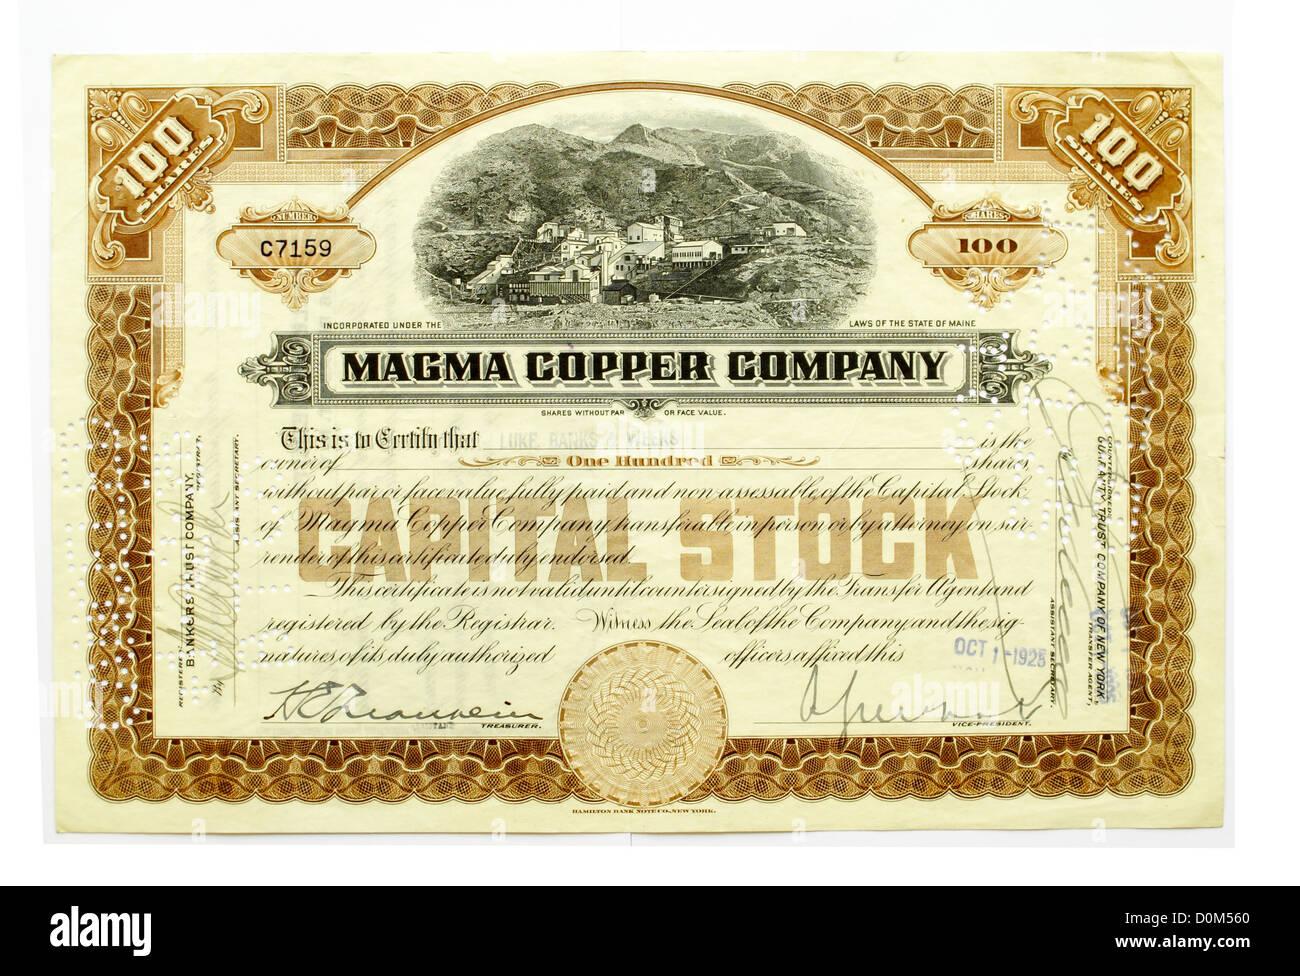 Certificat d'actions de la société de cuivre Magma Photo Stock